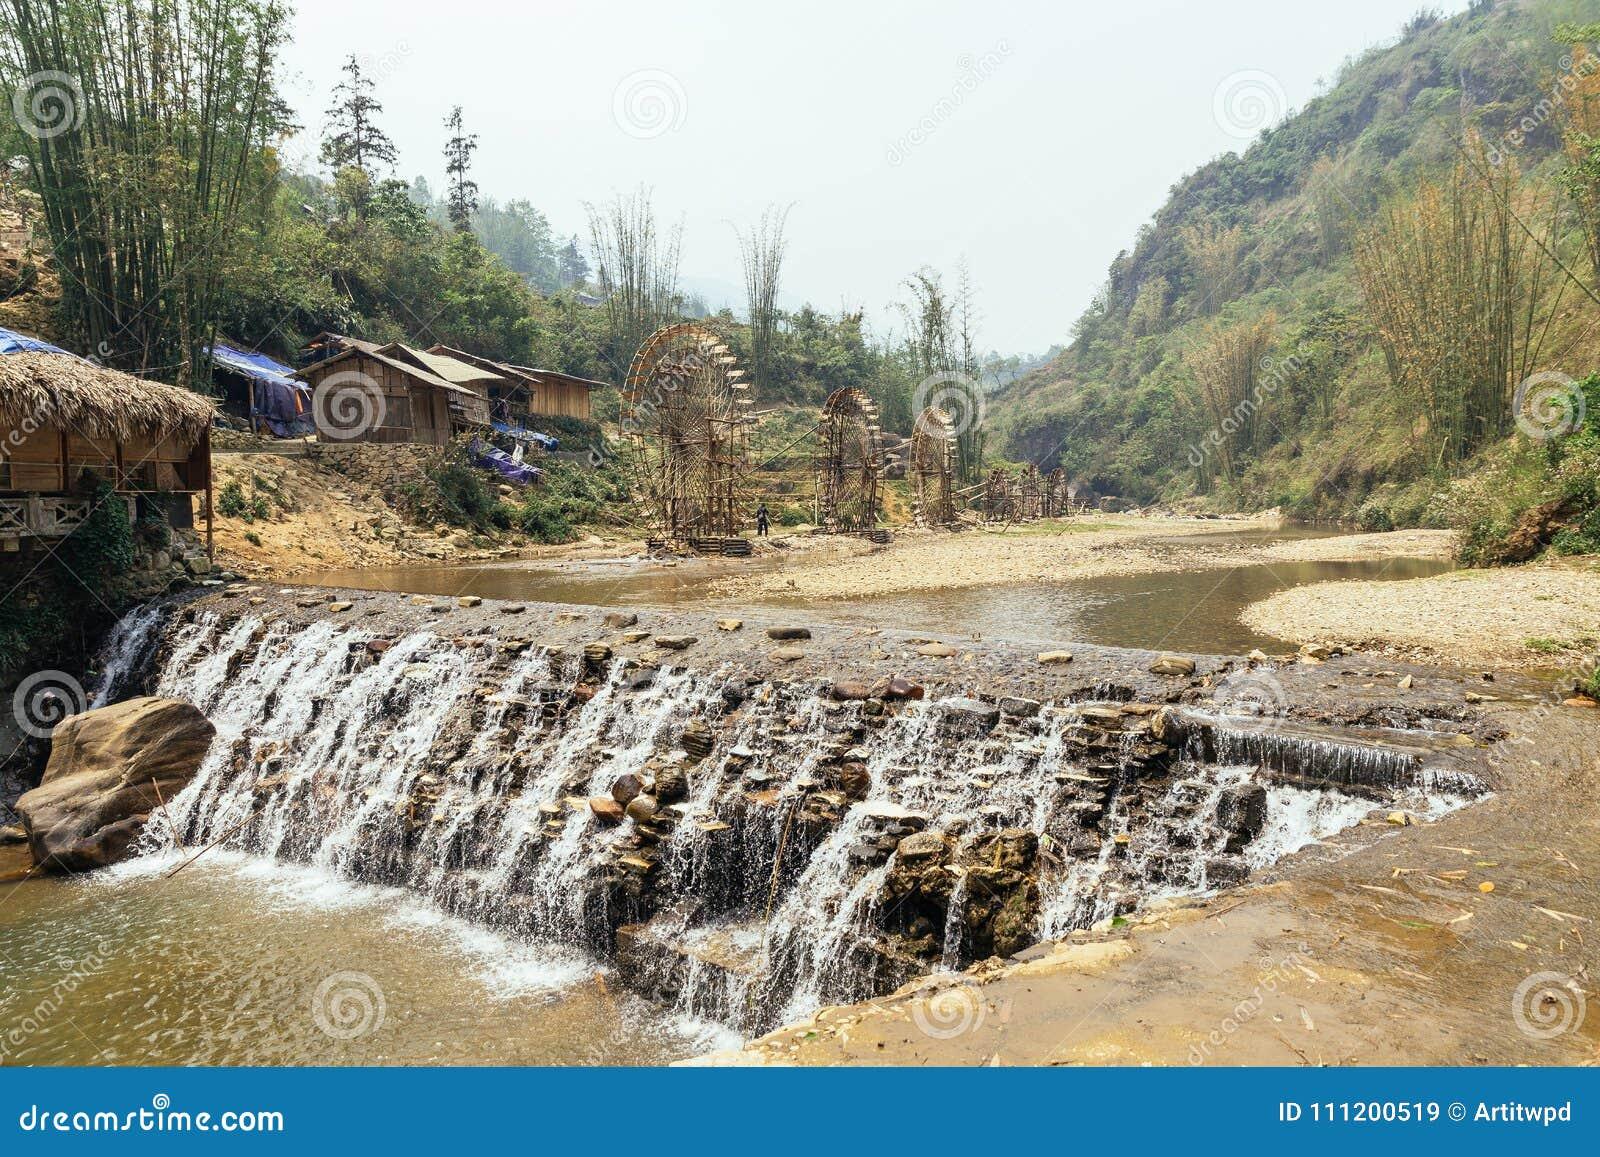 Wasserfall Mit Den Durchdachten Wasserradern Hergestellt Vom Bambus